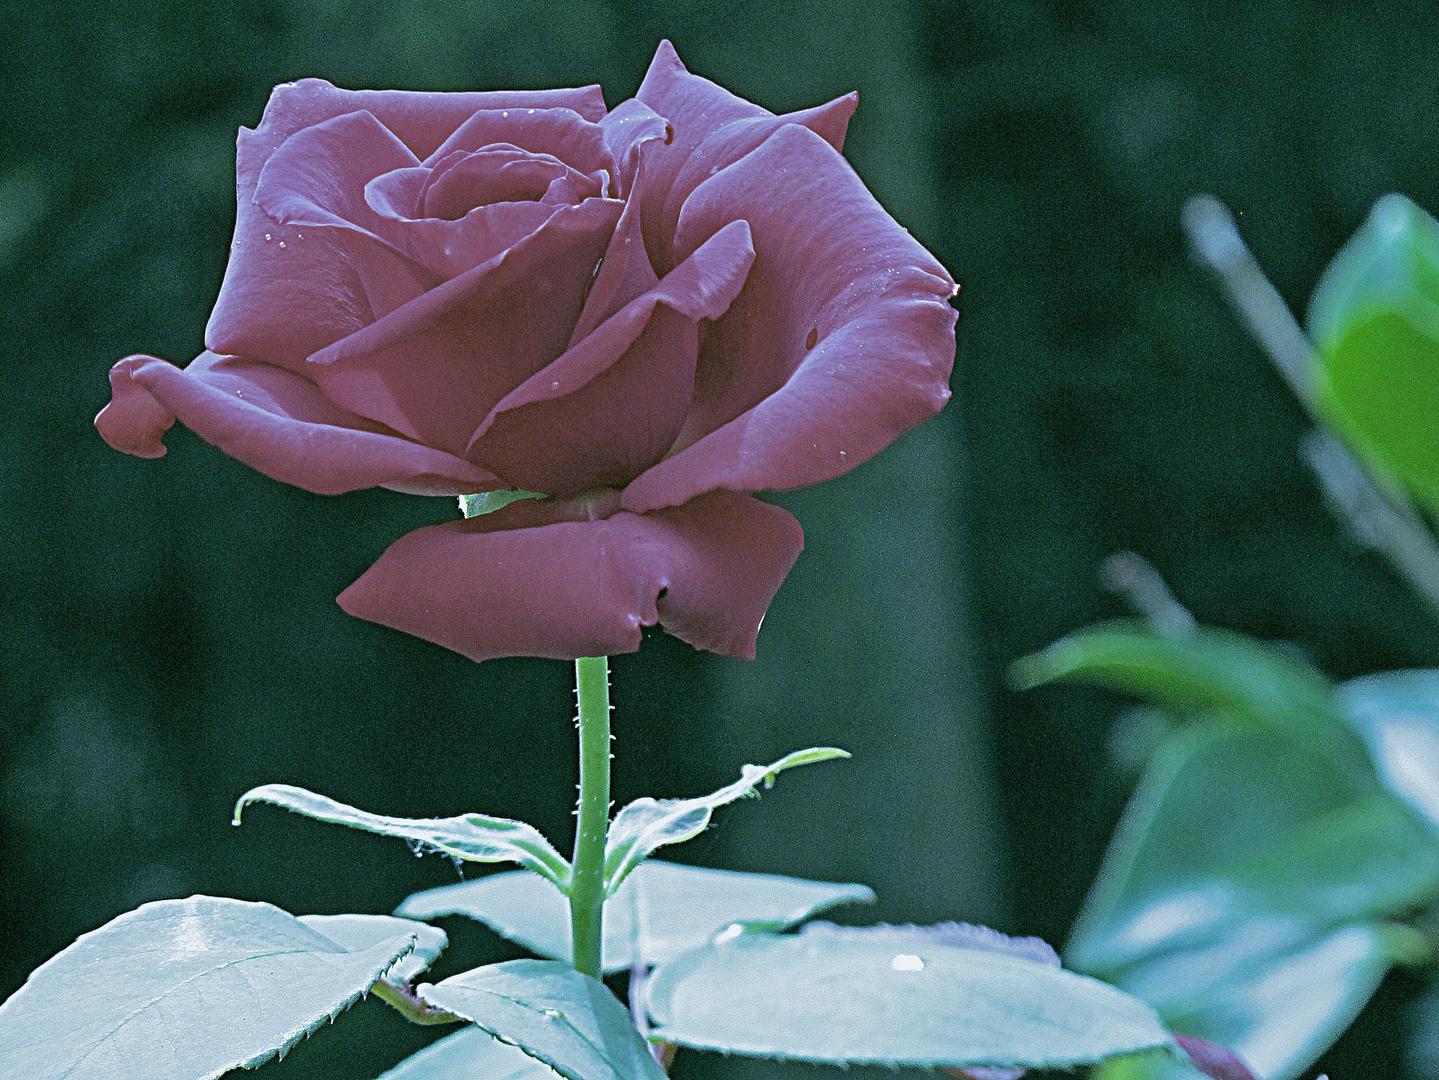 Bild 1: Bearbeitete Rosenblüte aus Uschis Garten.